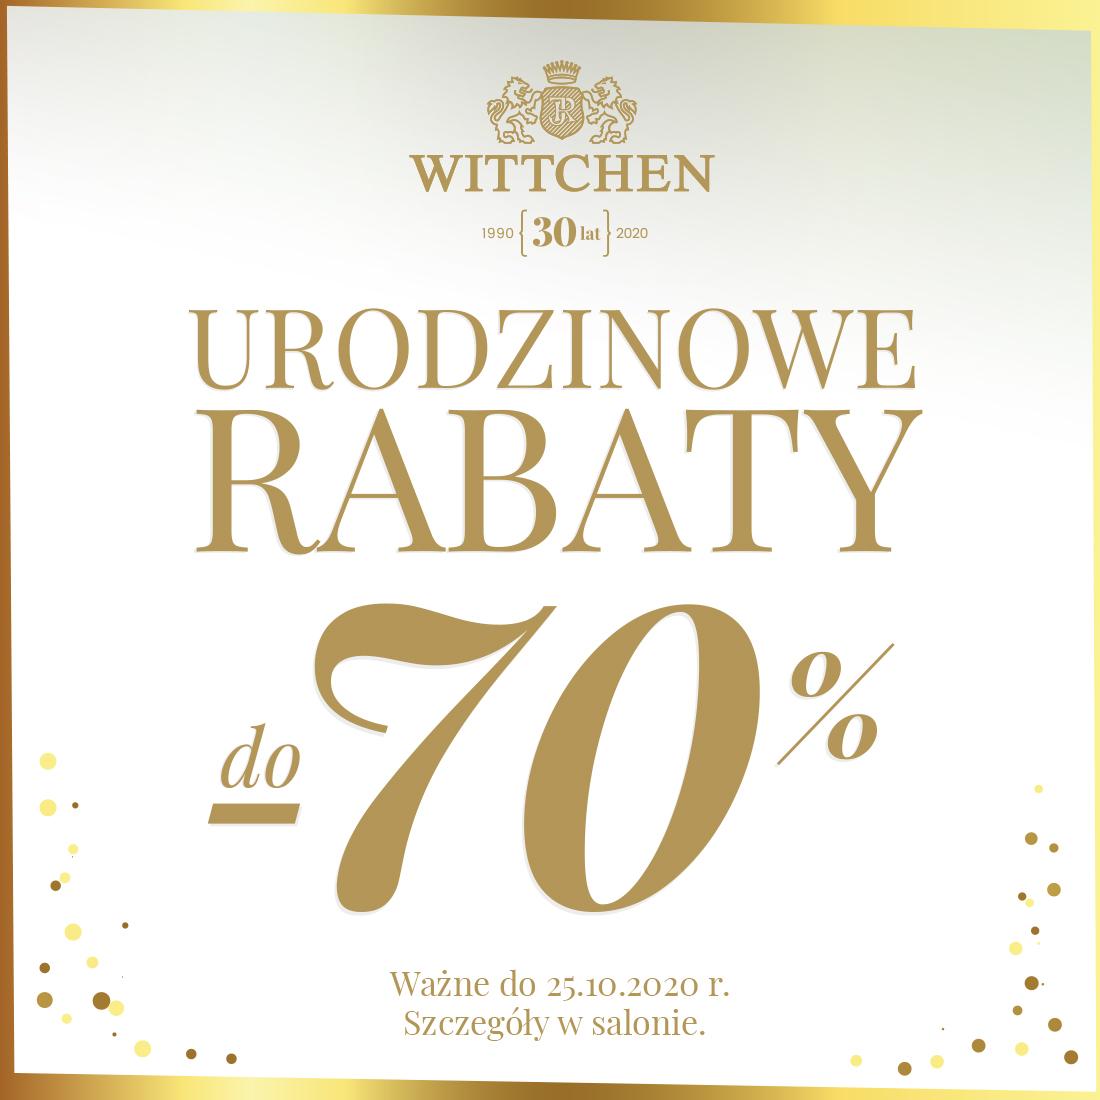 WITTCHEN: urodzinowe rabaty do -70%